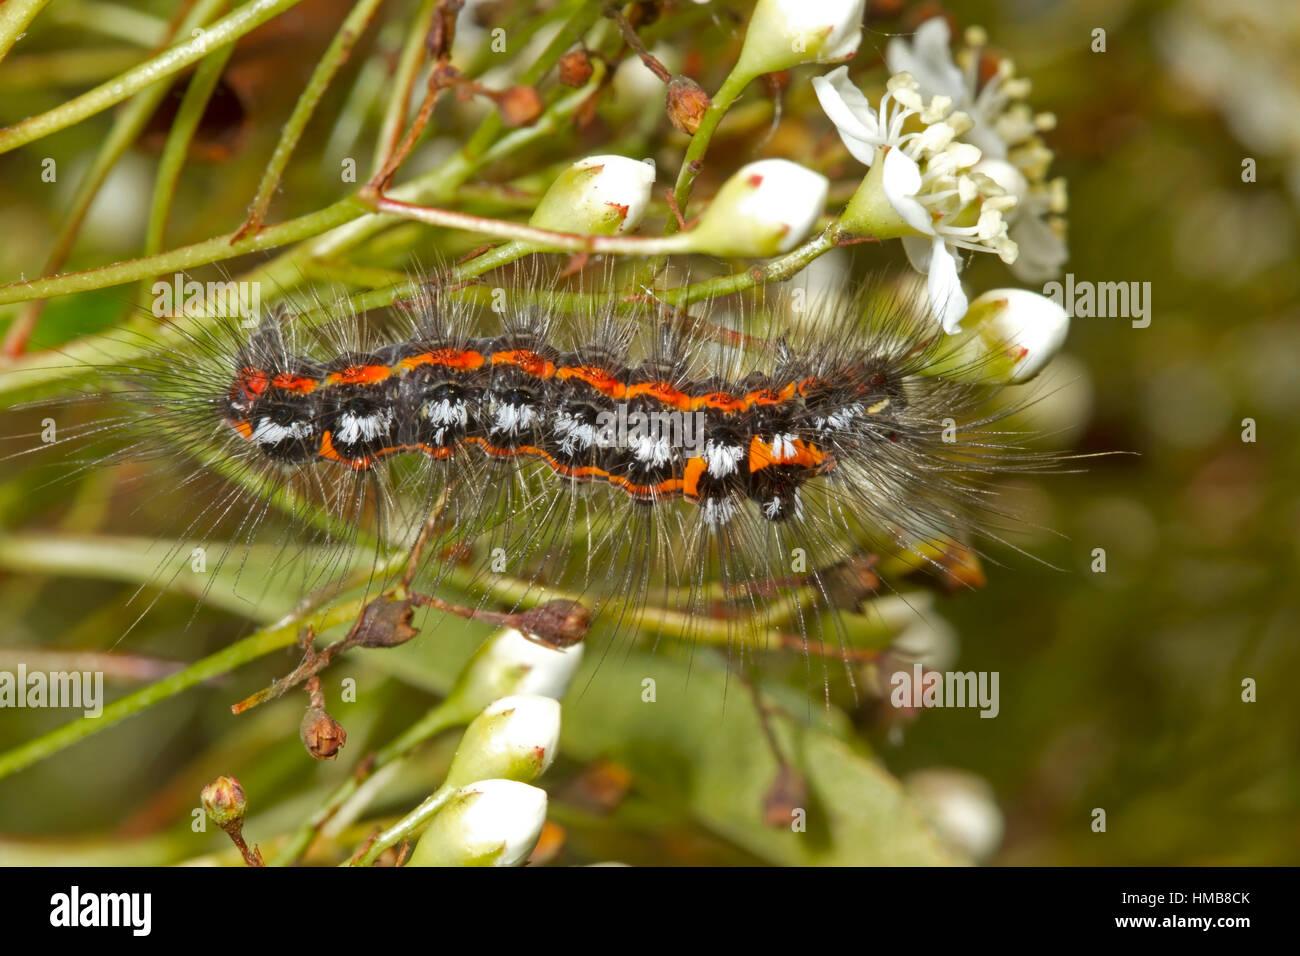 Gelb-Tail Moth - Euproctis Similis - Raupe Fütterung auf Pyracantha oder Feuerdorn Stockbild